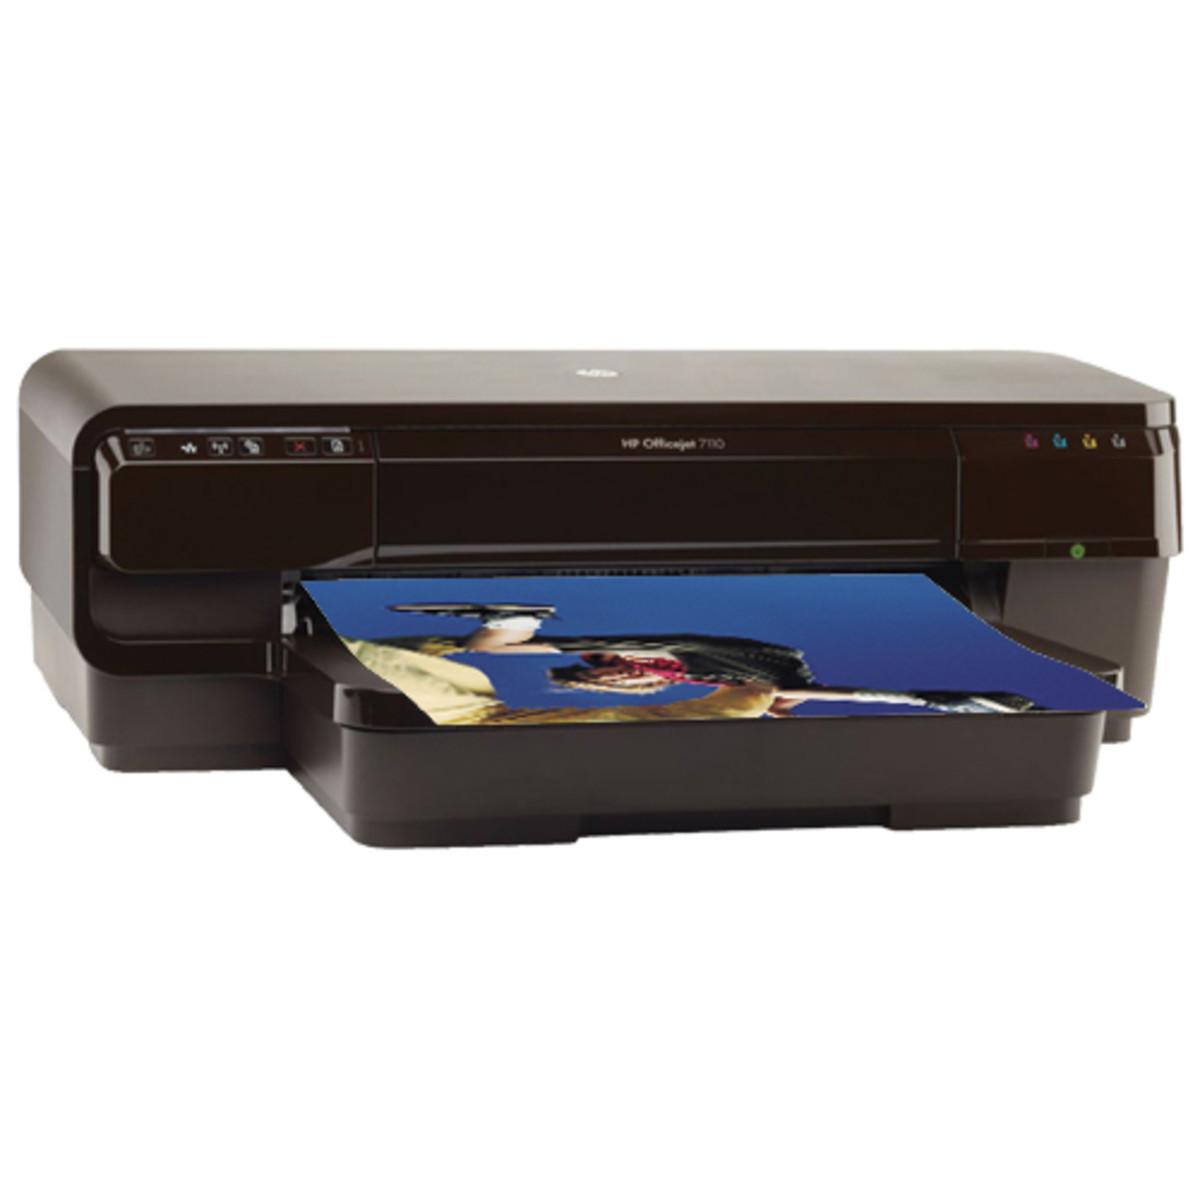 HP OfficeJet 7110 Inkjet Printer